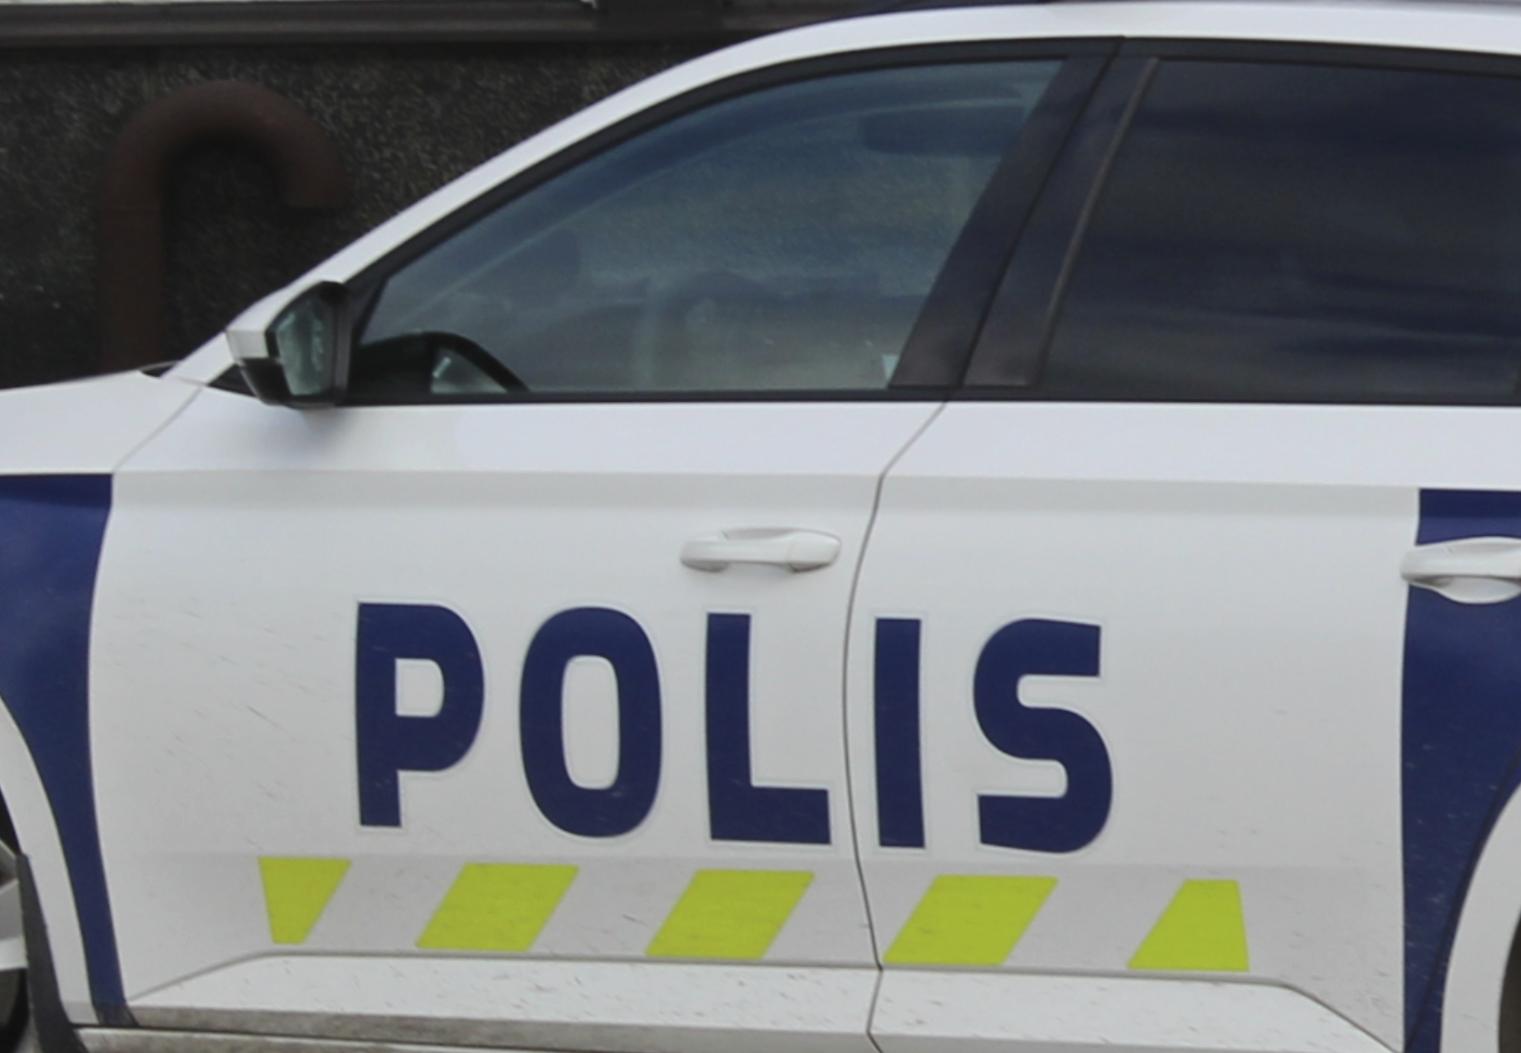 Avoimet Työpaikat Poliisi